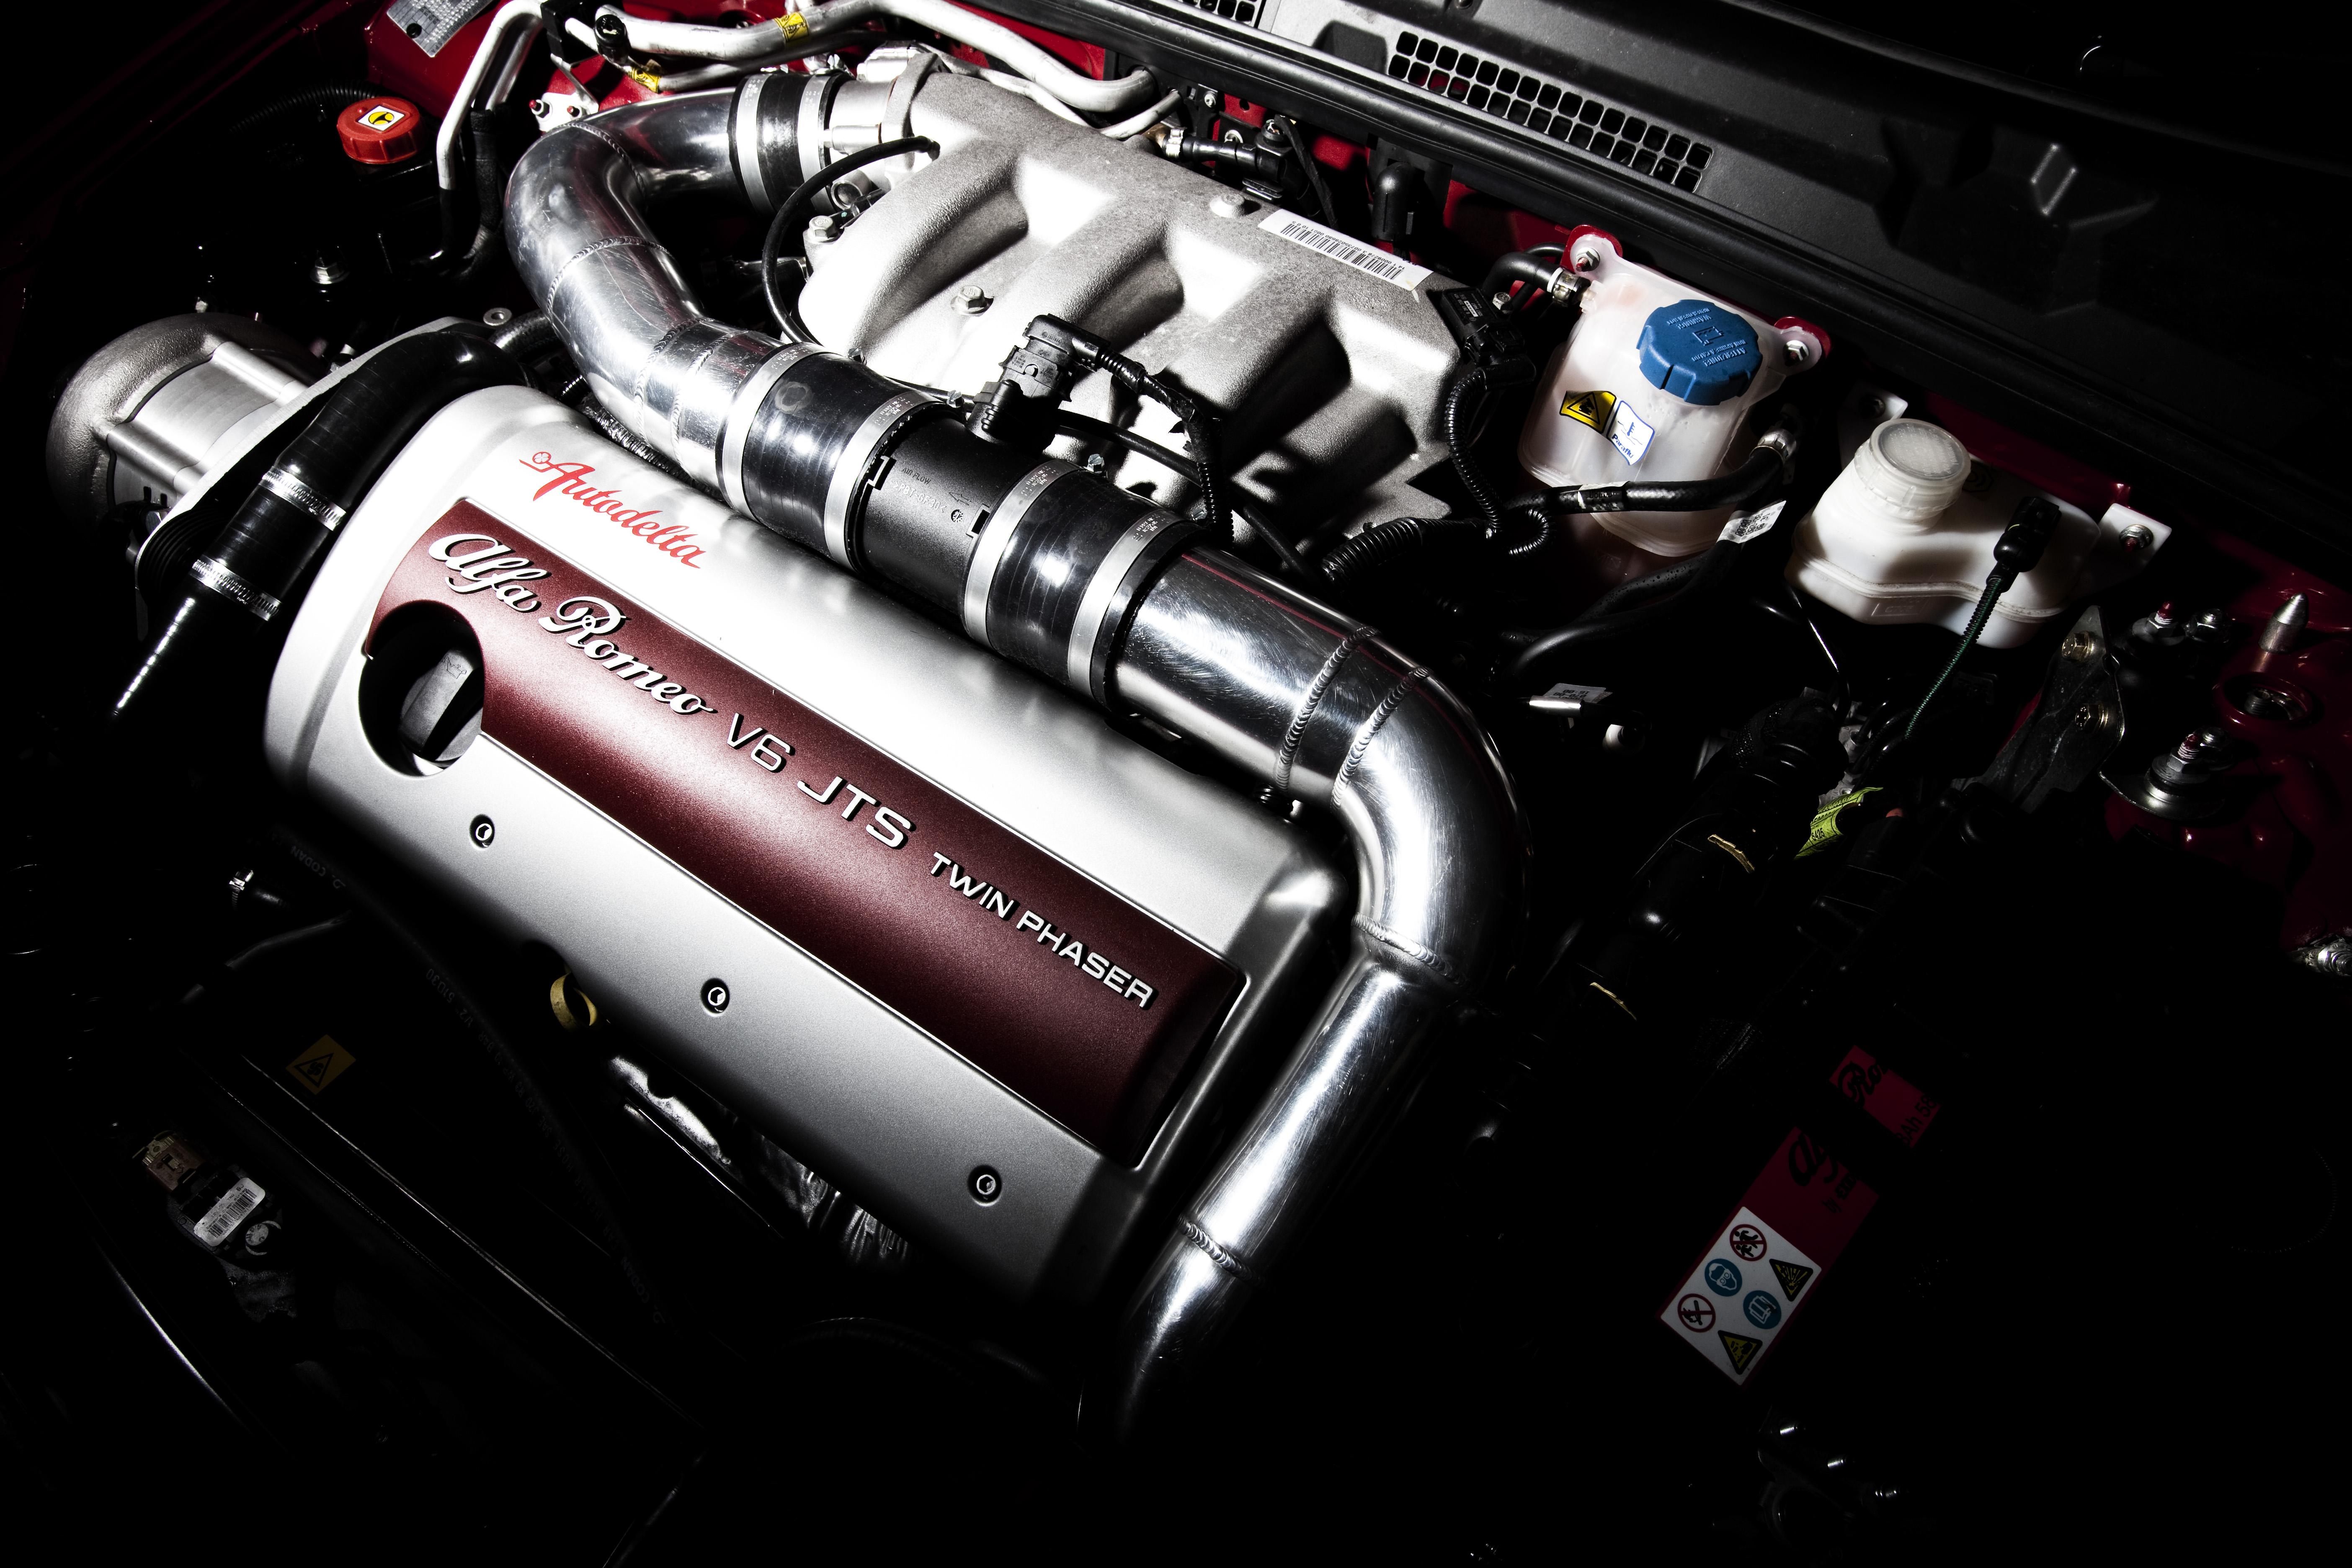 Fondos De Pantalla Vehículo Porsche Show De Net: Fondos De Pantalla : Vehículo, Honda, Coche Deportivo